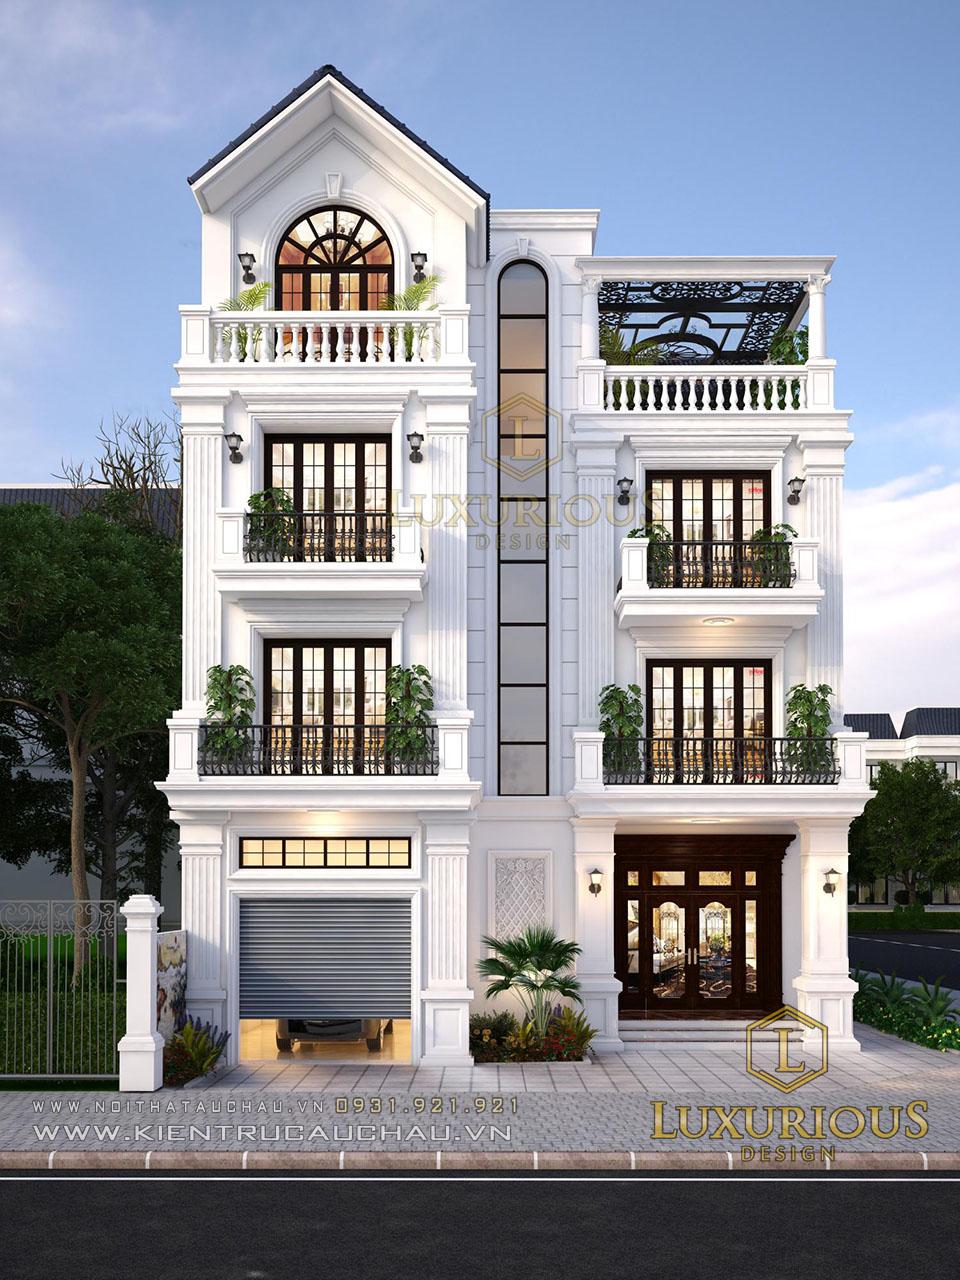 Mẫu thiết kế nhà góc 2 mặt tiền 4 tầng